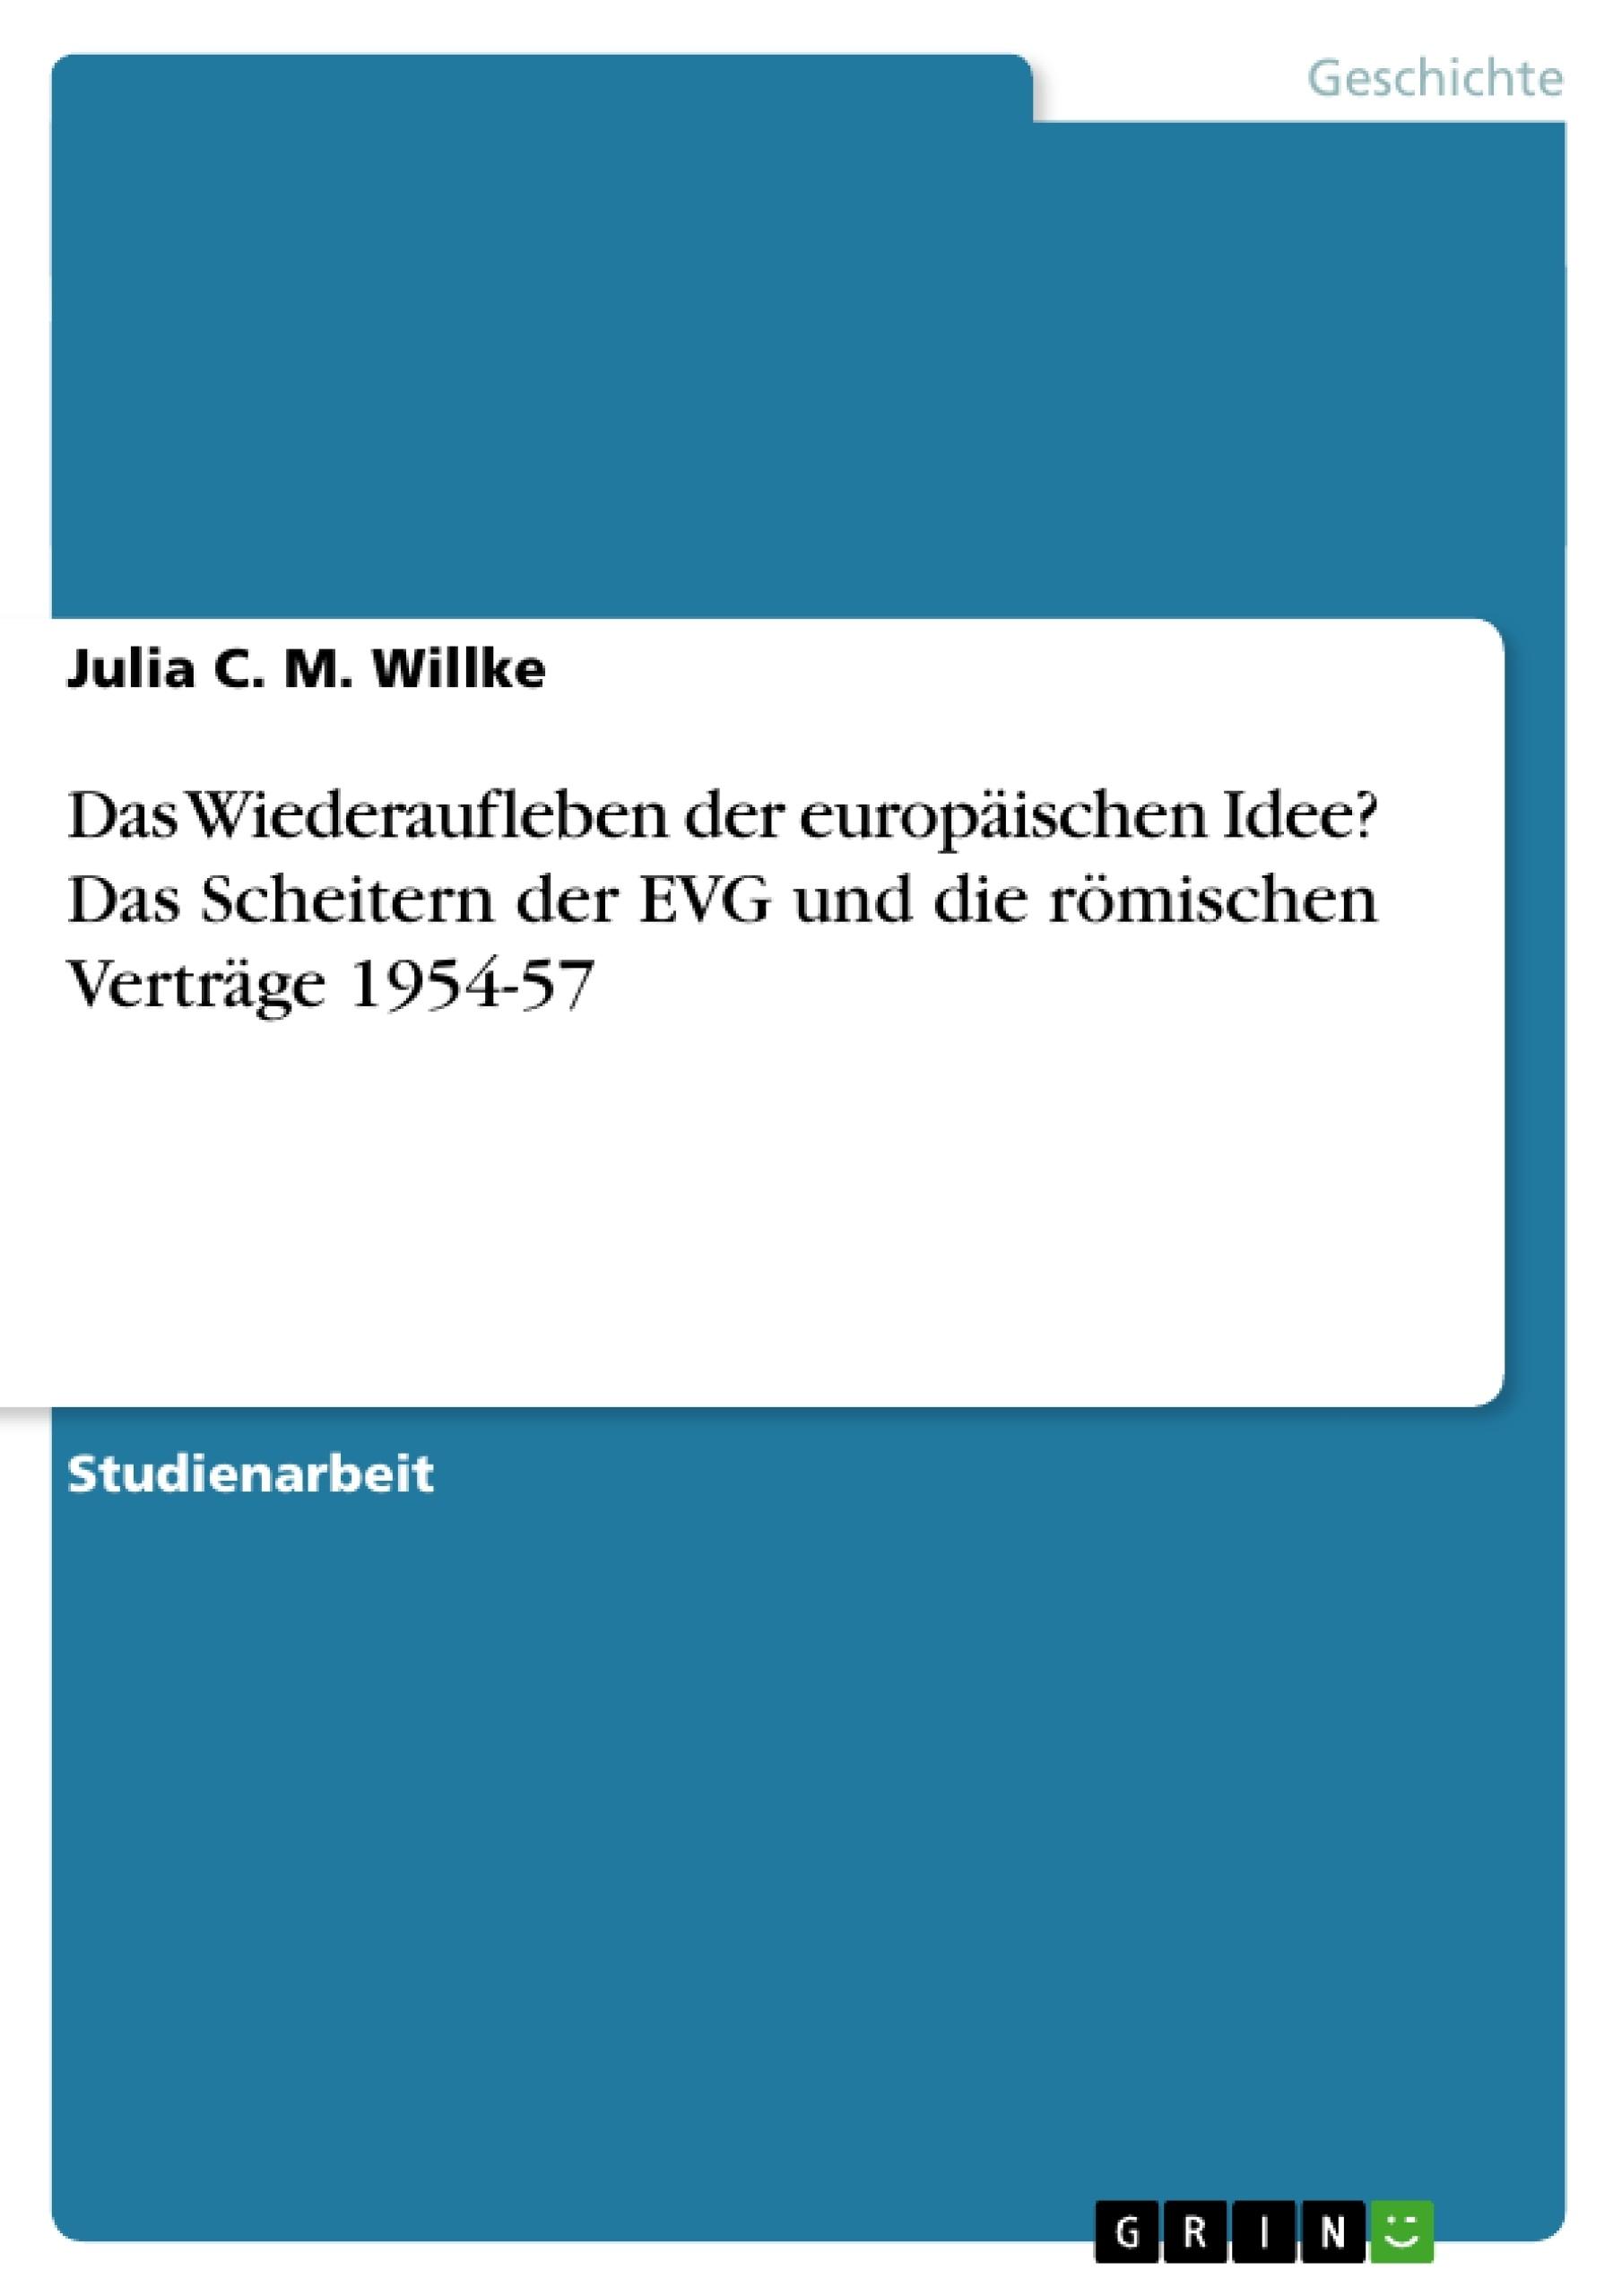 Titel: Das Wiederaufleben der europäischen Idee?  Das Scheitern der EVG und die römischen Verträge 1954-57